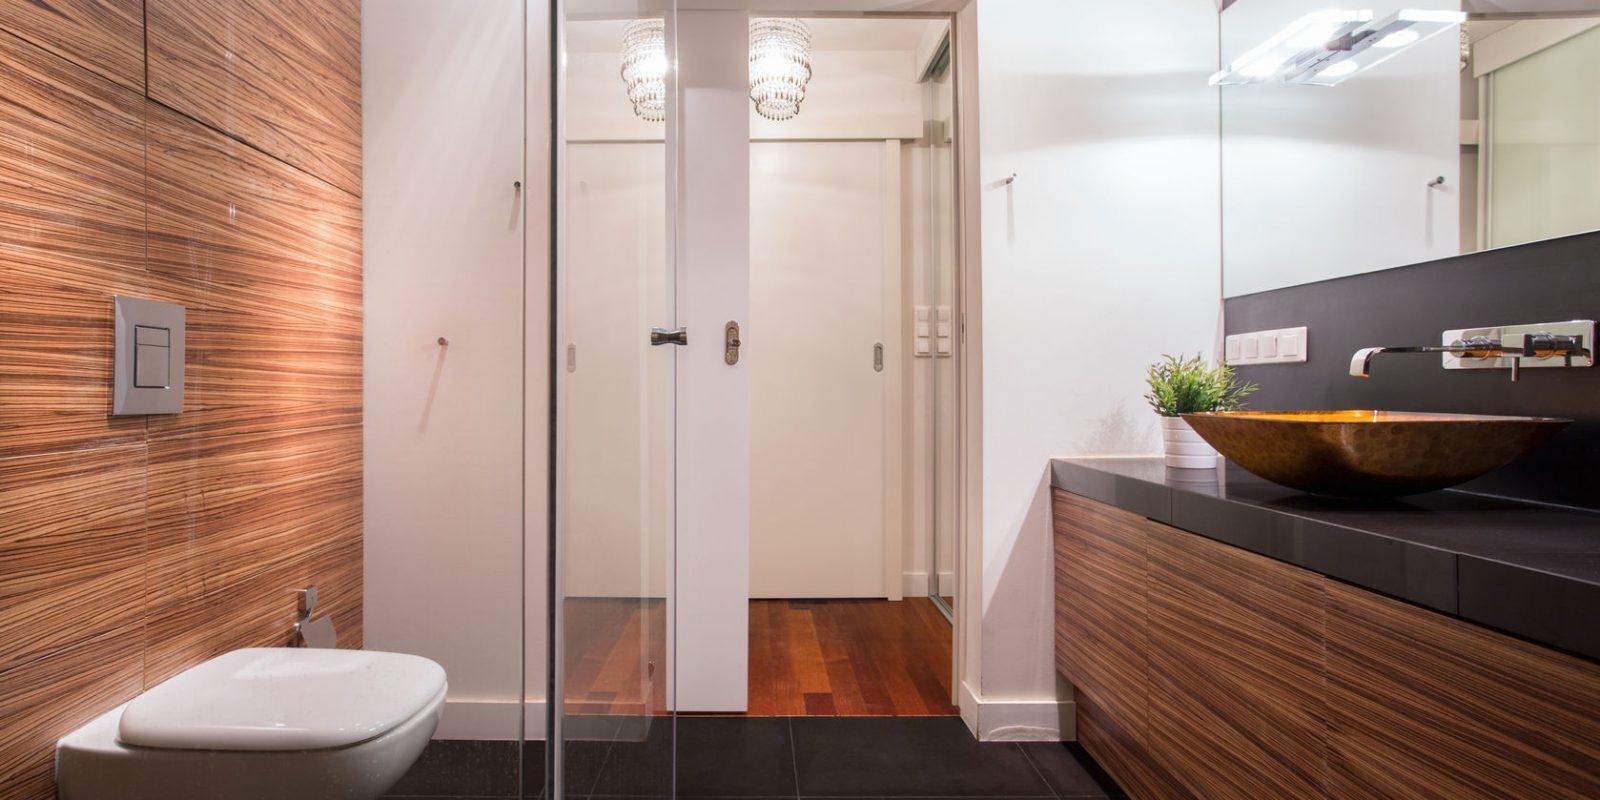 Bathroom Remodeling Los Angeles (@bathroomremodelingla) Cover Image